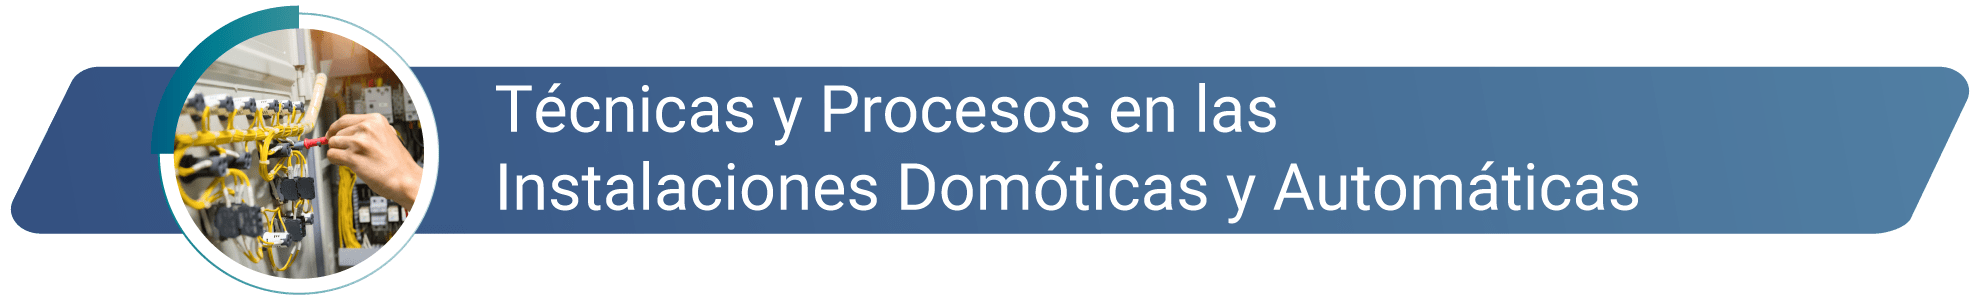 Tecnicas y procesos en instalaciones domoticas y automaticas